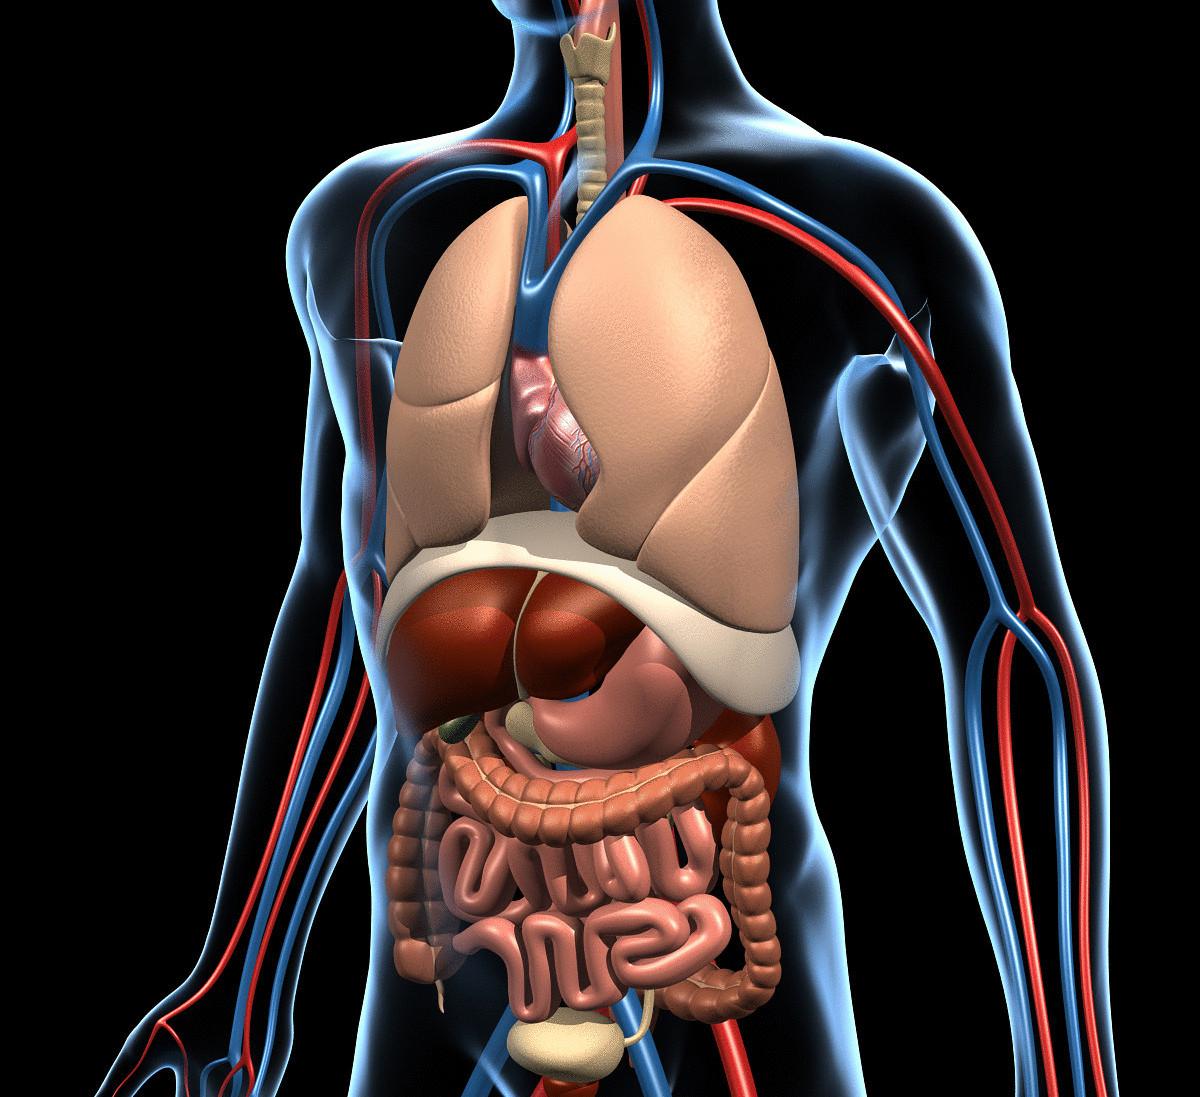 Как происходит пищеварение в желудке кратко. Процесс пищеварения в организме человека: по времени